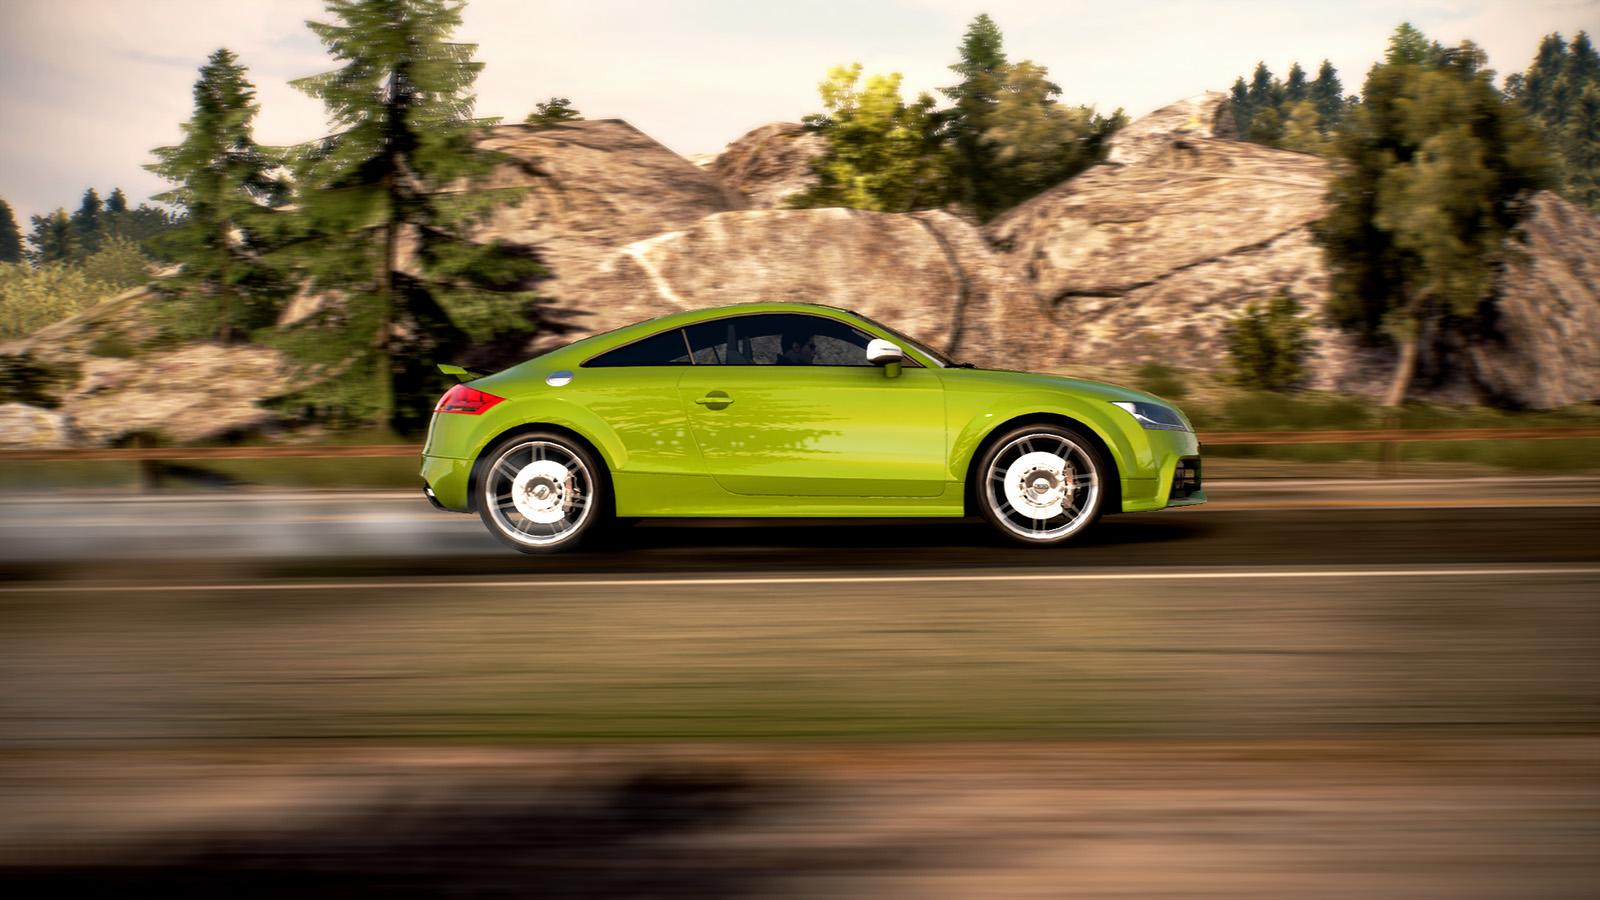 Audi TT NFS HP Remaster photo mode